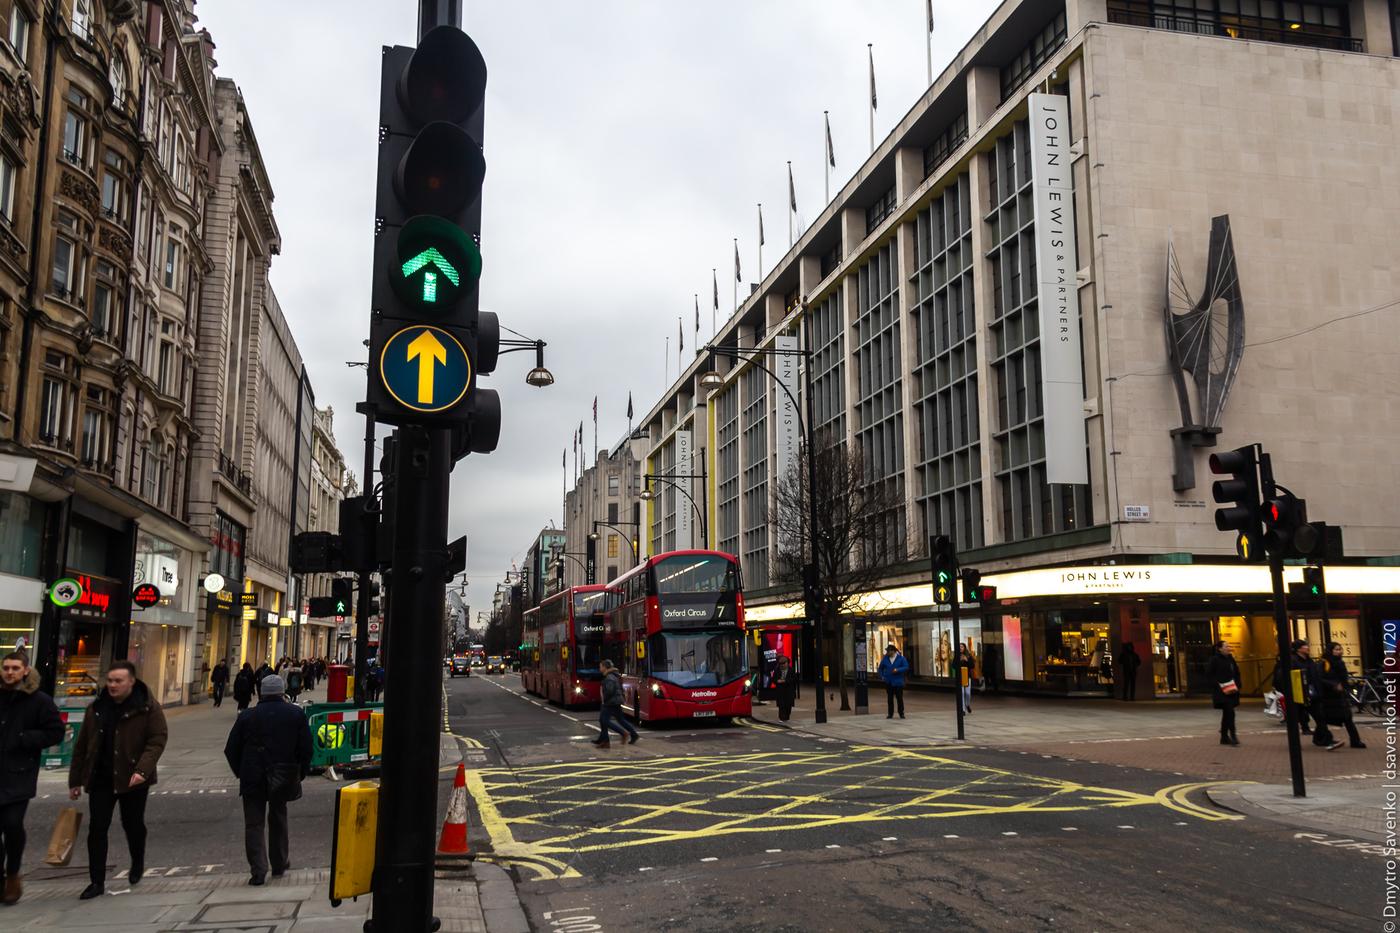 london_202001_010